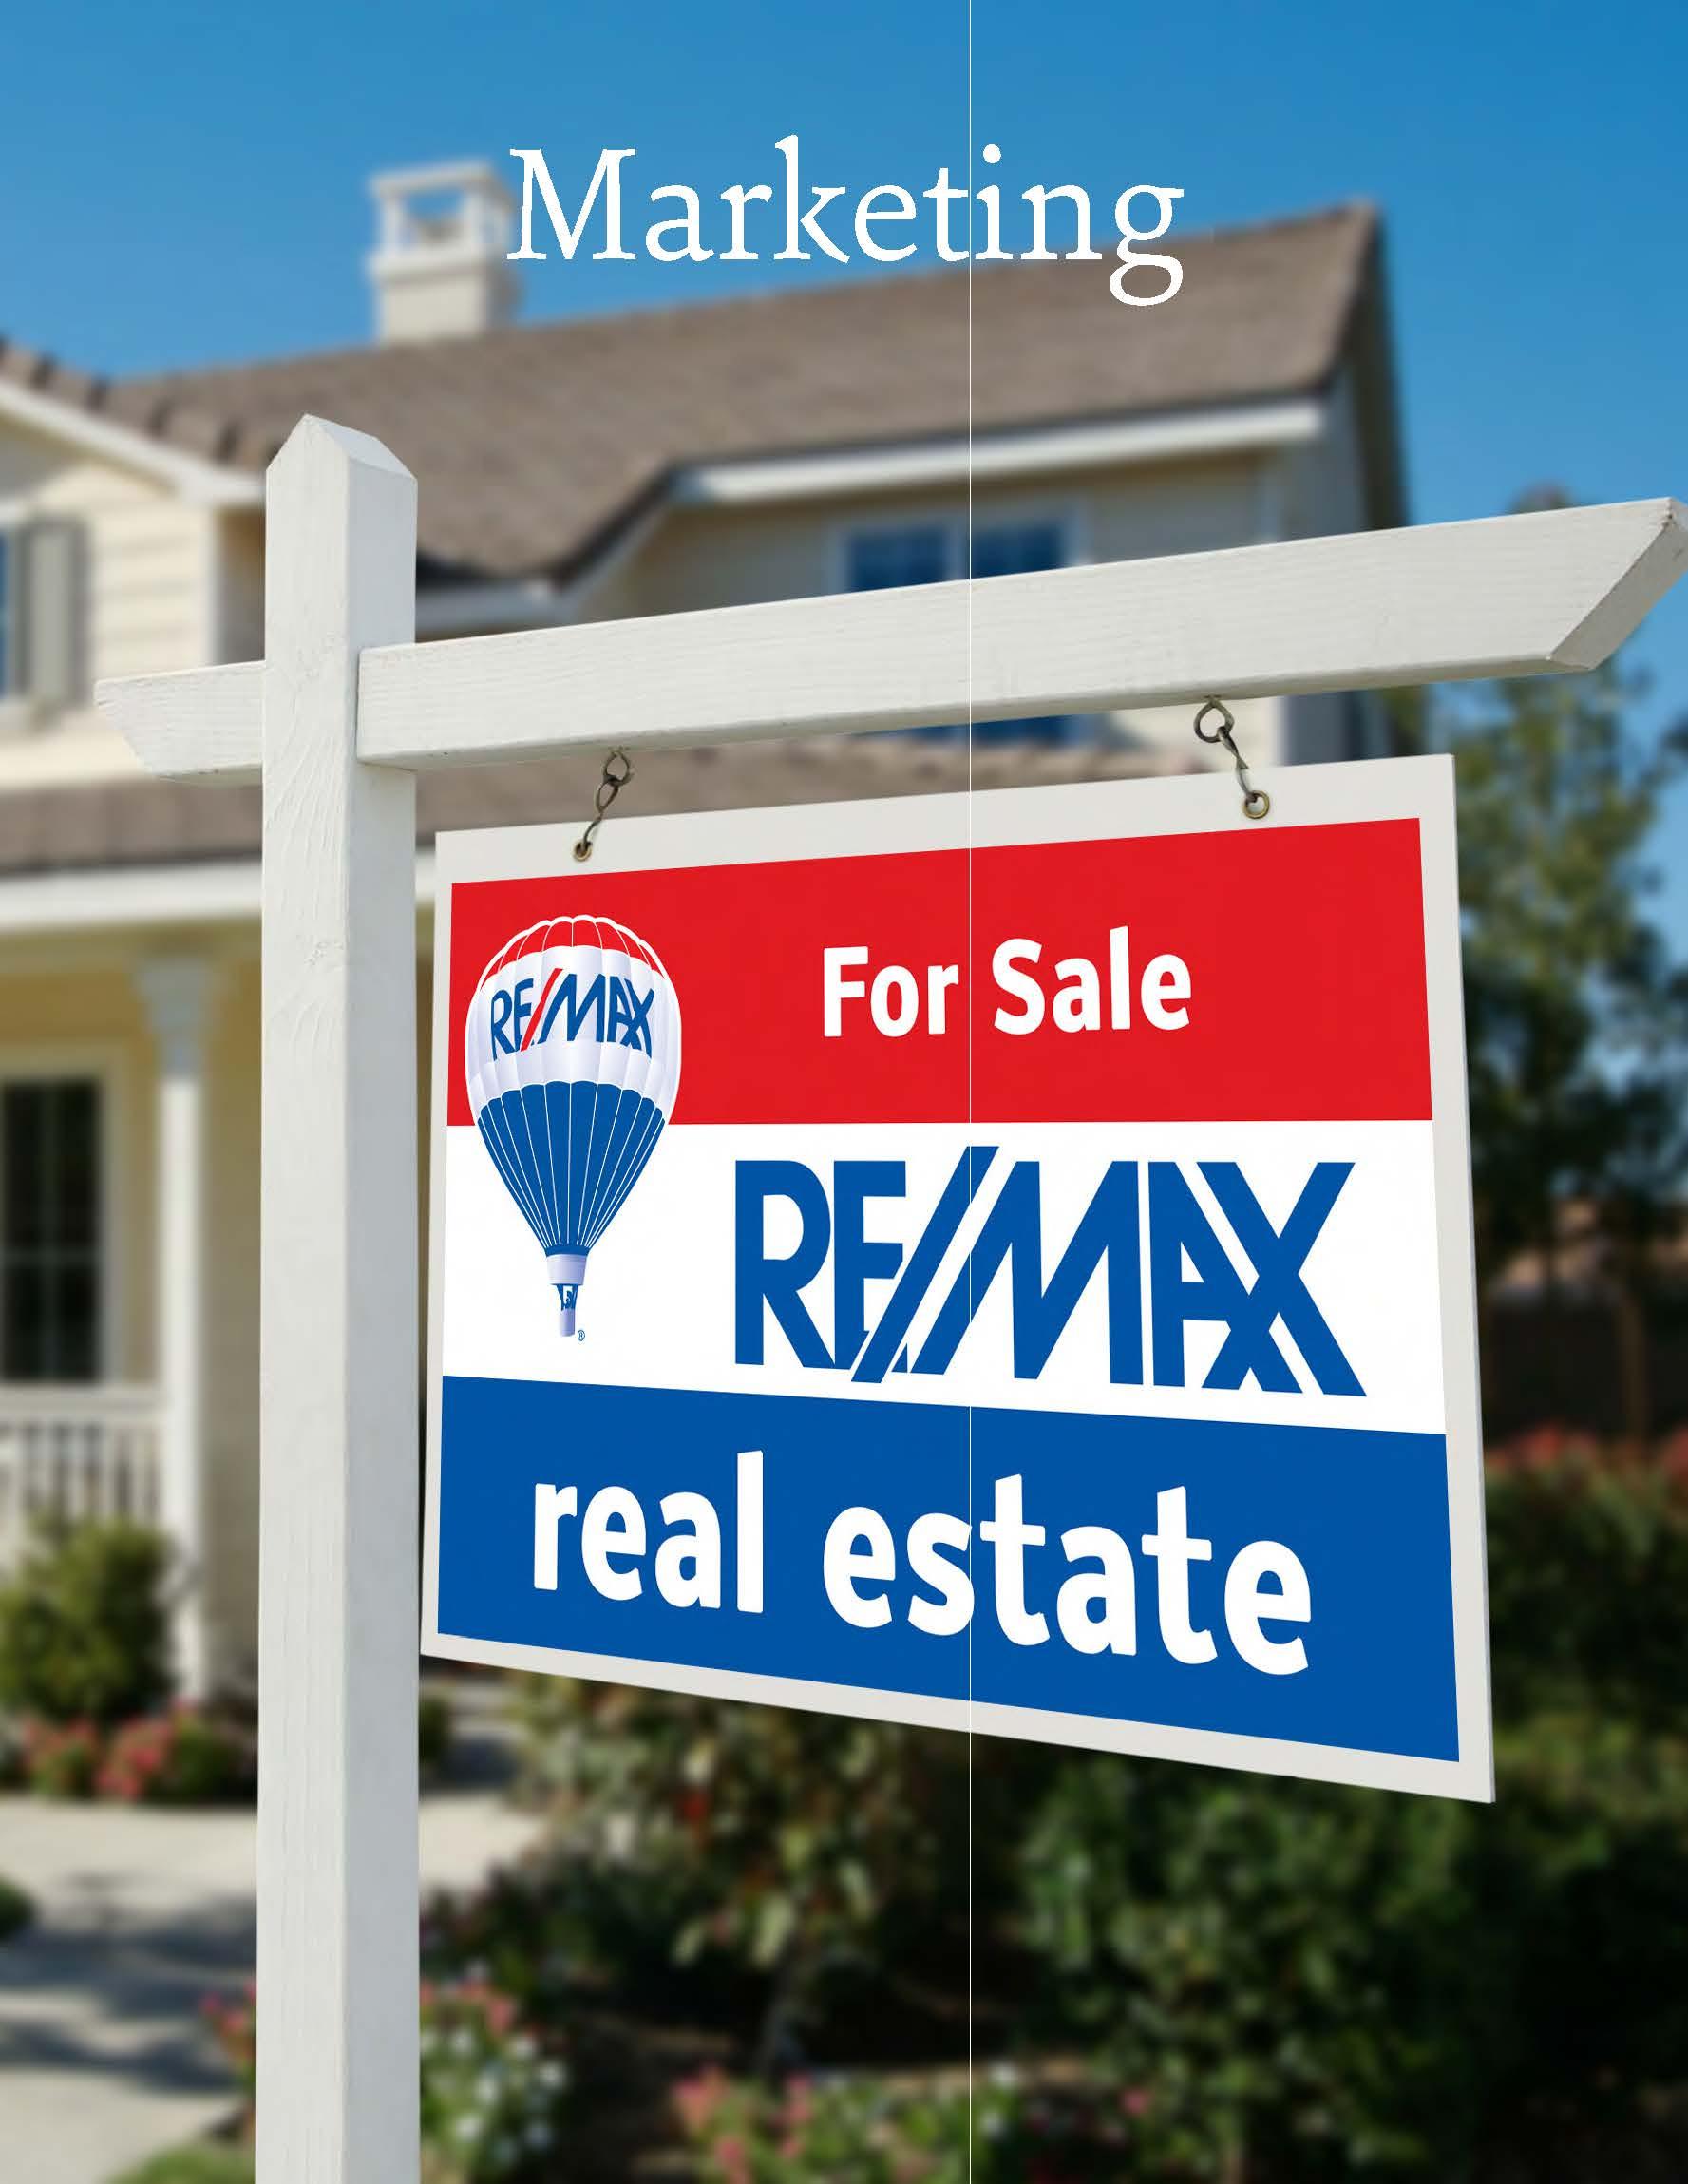 Listing Presentation REMAX Real Estate Marketing - Fresh commercial real estate listing presentation design